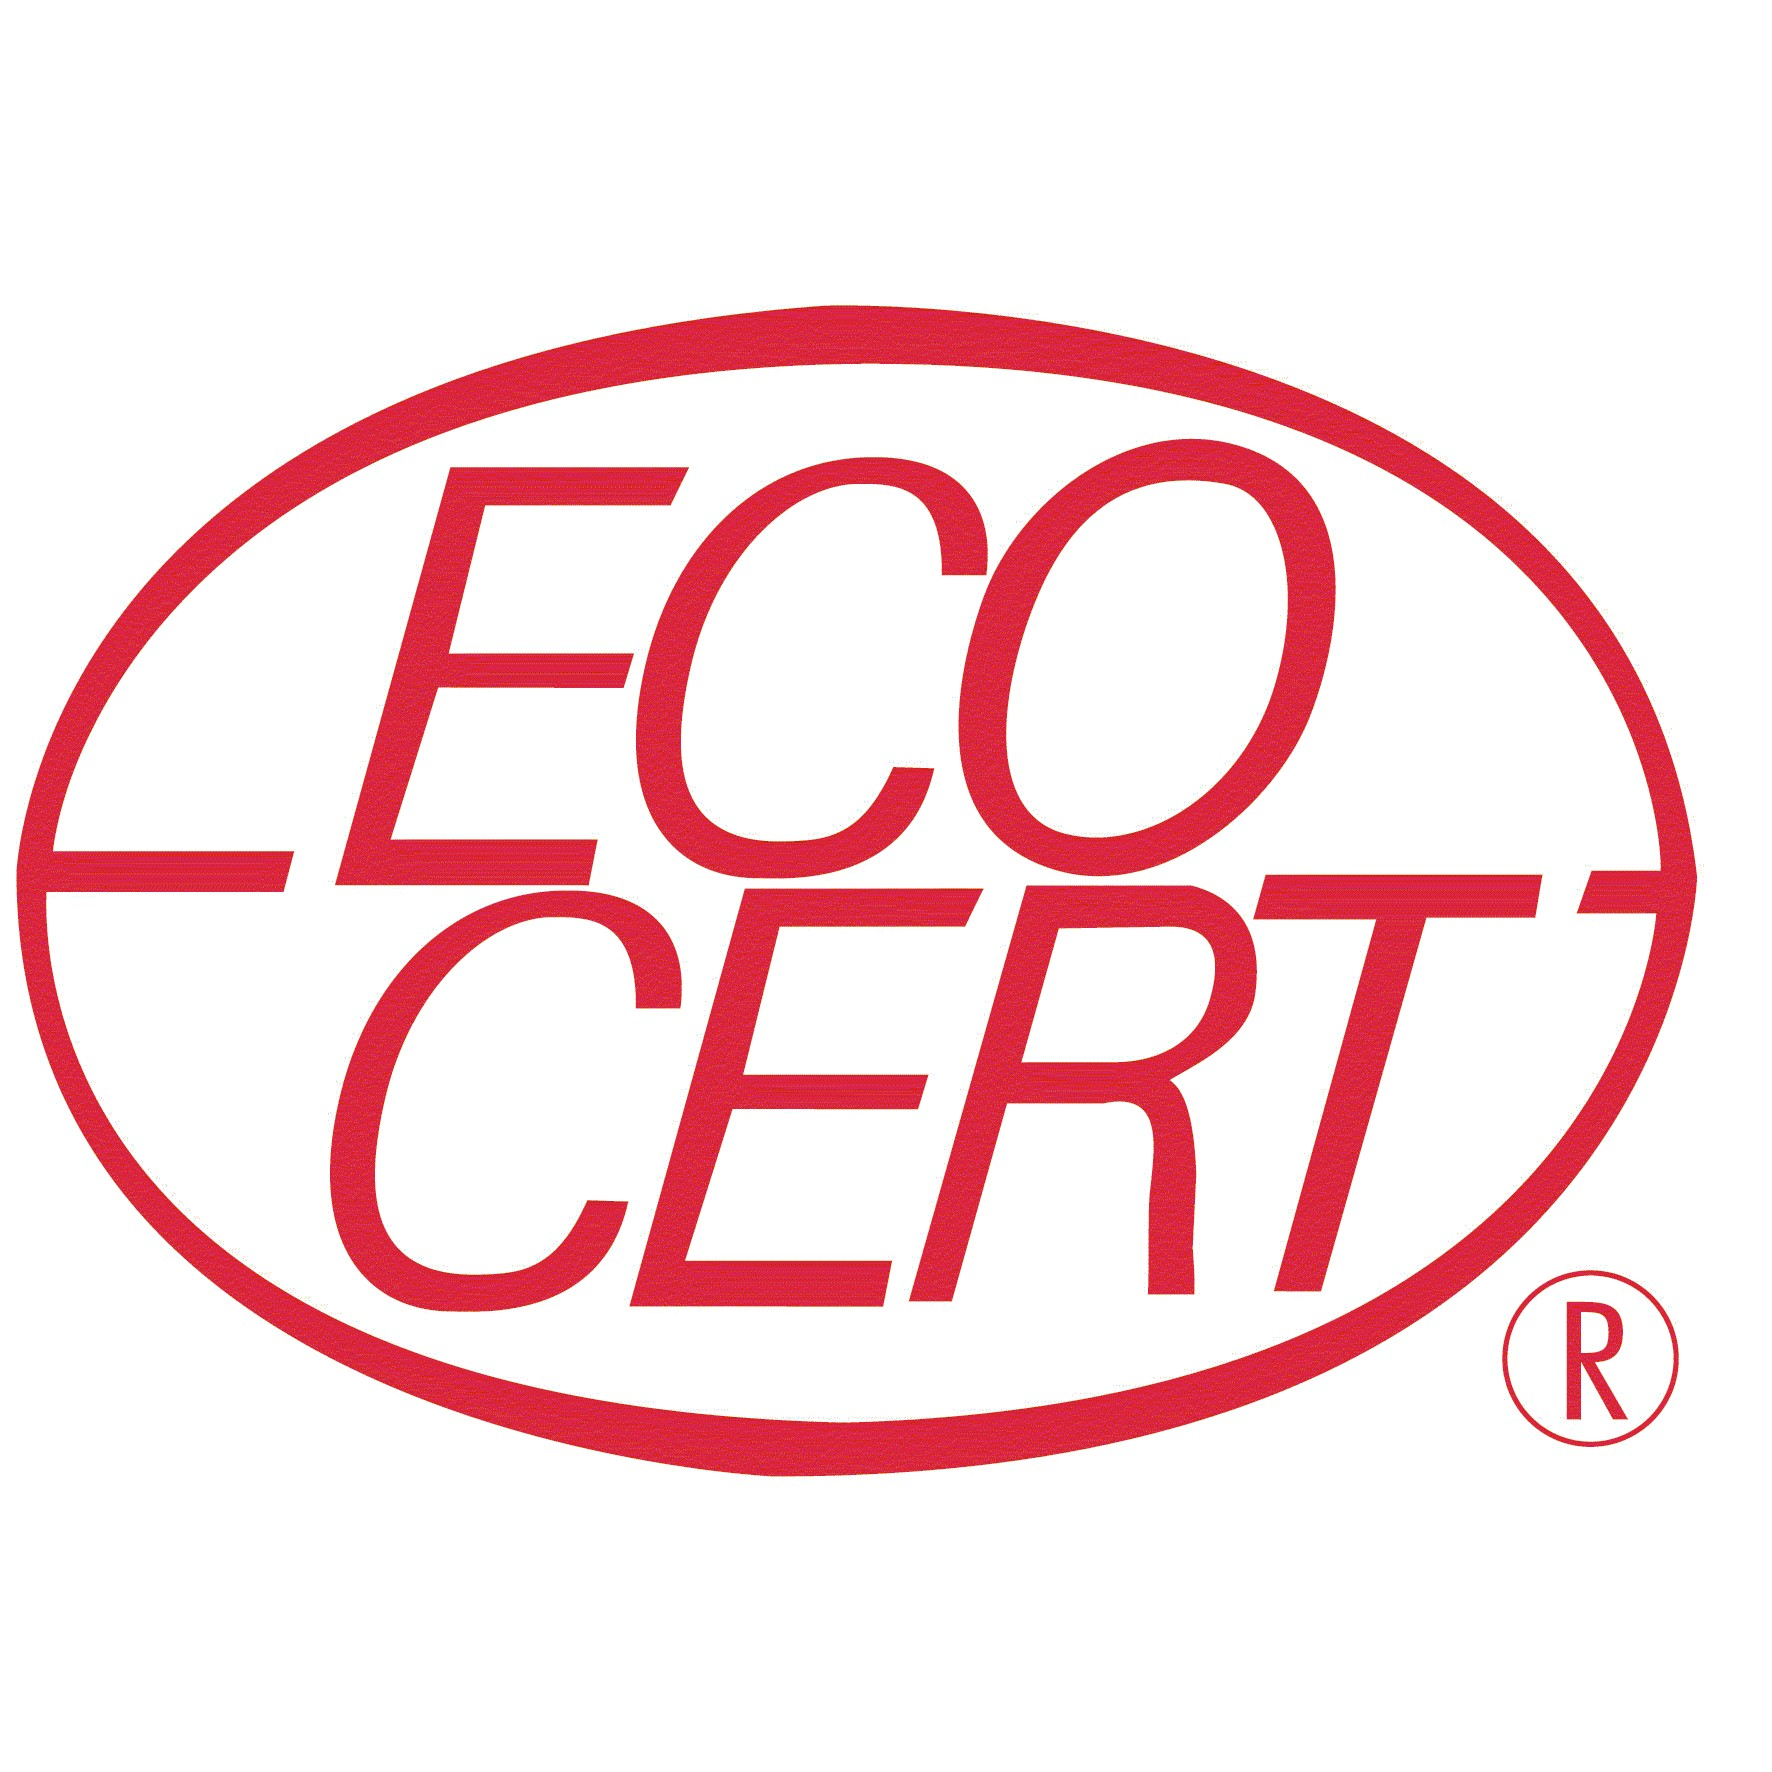 Натуральная косметика сертифицирована организацией Ecocert Greenlife в соответствии со стандартом Ecocert. Натуральные формулы, роскошные текстуры и эффективный уход-так выглядит естественная забота, от которой кожа начинает сиять.